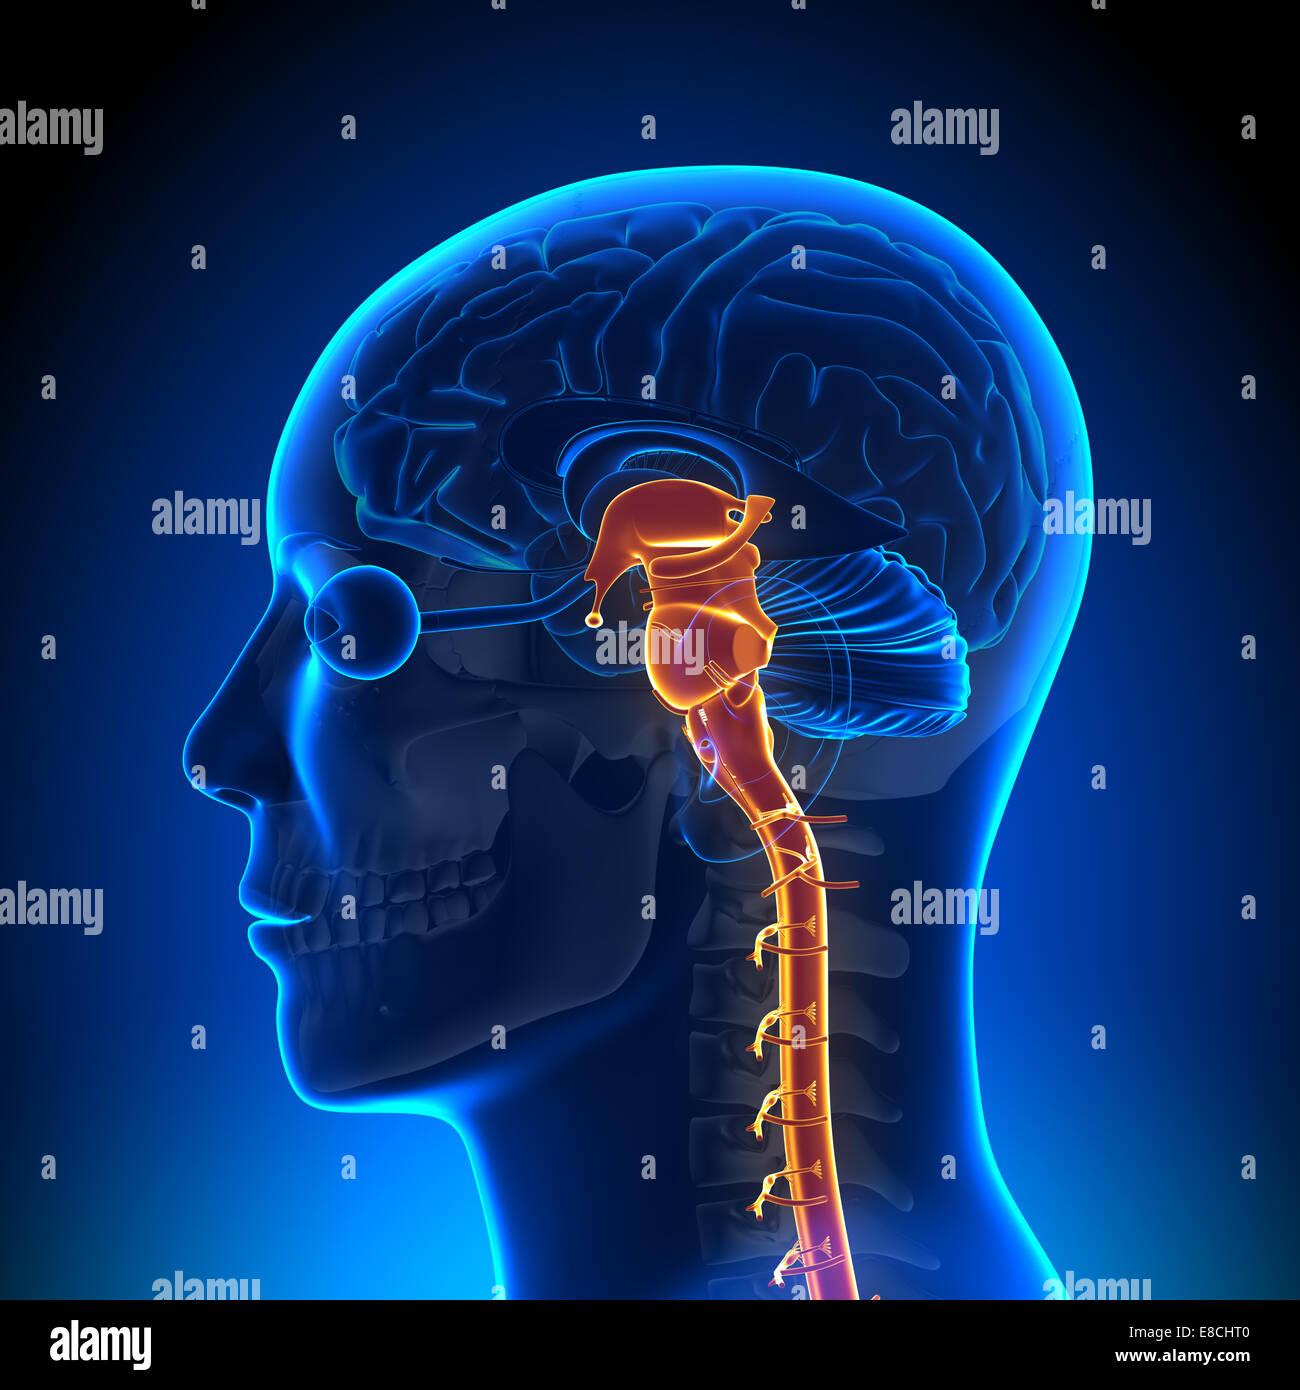 Rückenmark Nerven - Gehirn-Anatomie Stockfoto, Bild: 74036144 - Alamy